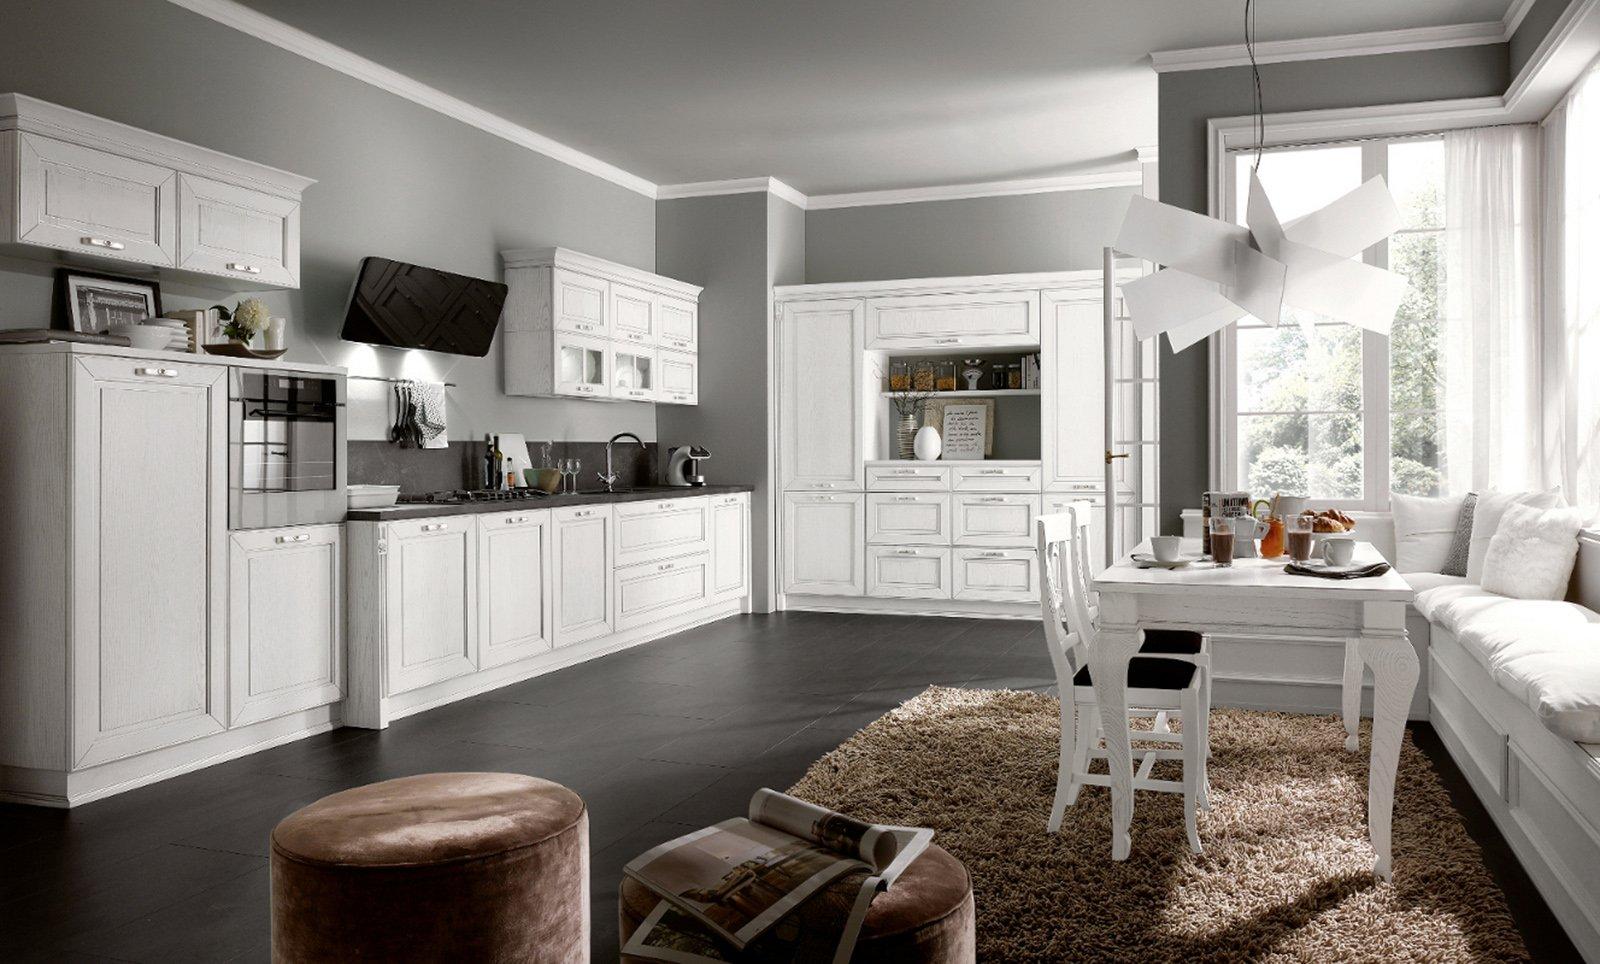 Nuove cucine con maniglia protagonista cose di casa for Cucine contemporanee